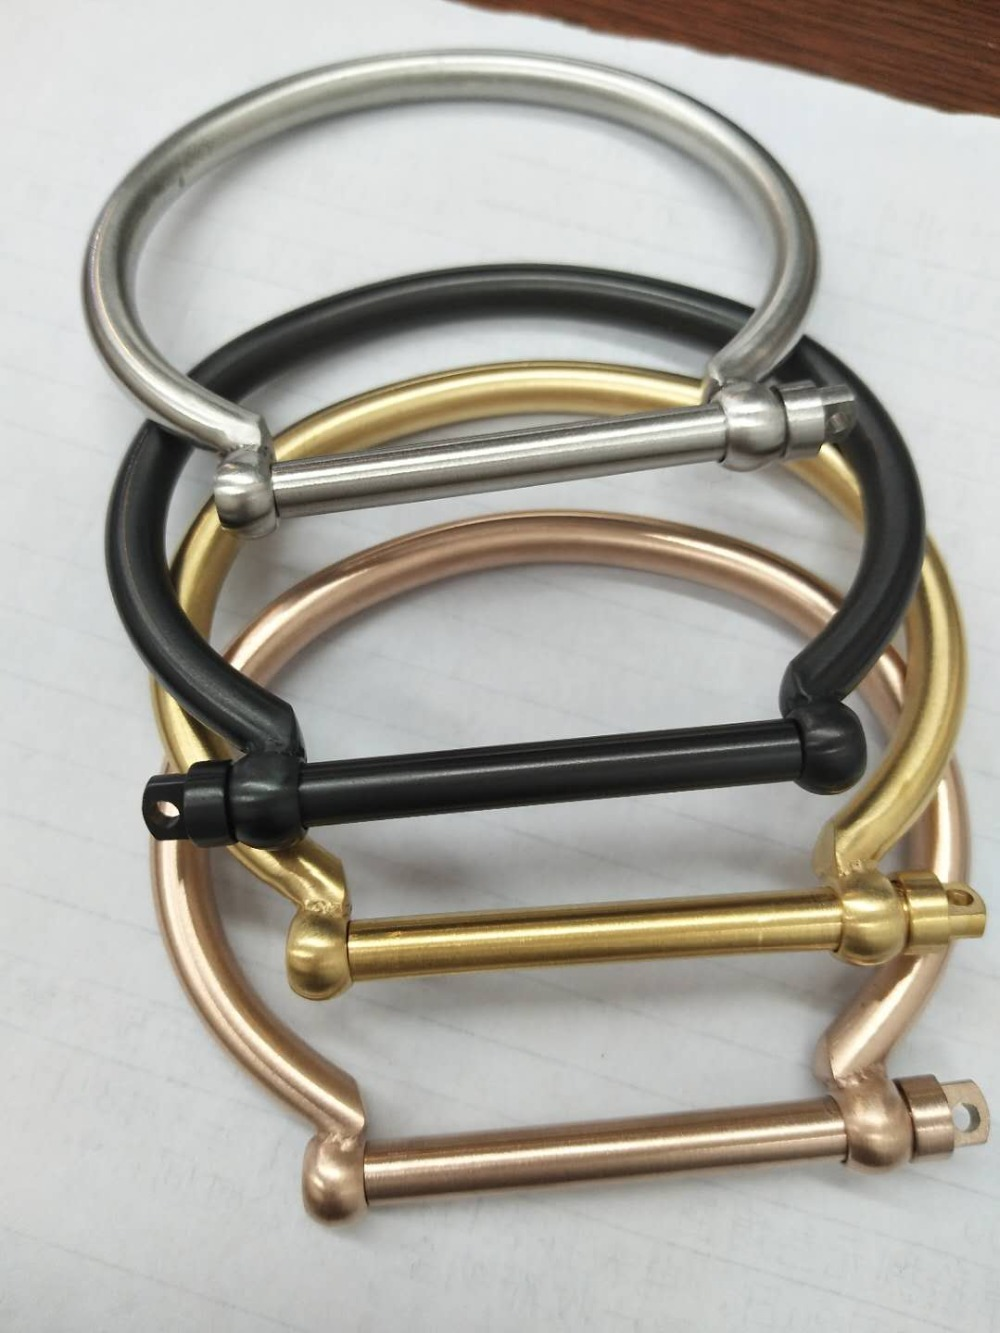 4colors Mode Rostfritt Stål Armband Bangles Skruvspänne Hästsko Guld Charms Manschett Armband Femme Pulseira Masculina